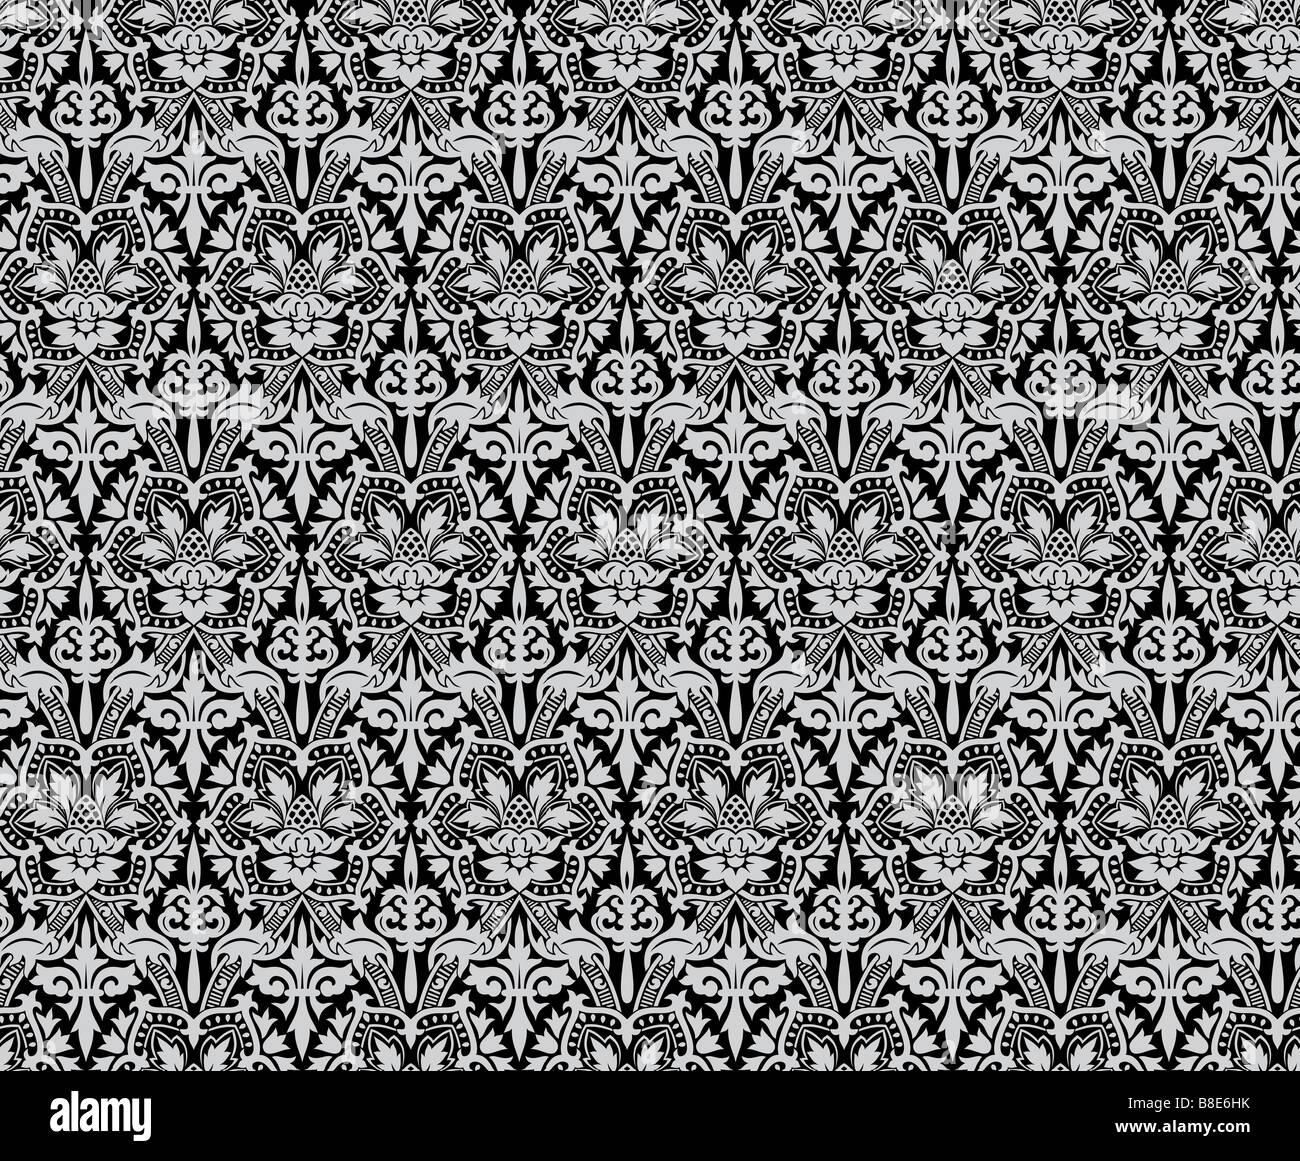 Seamless ancient damask pattern Big XXL size - Stock Image